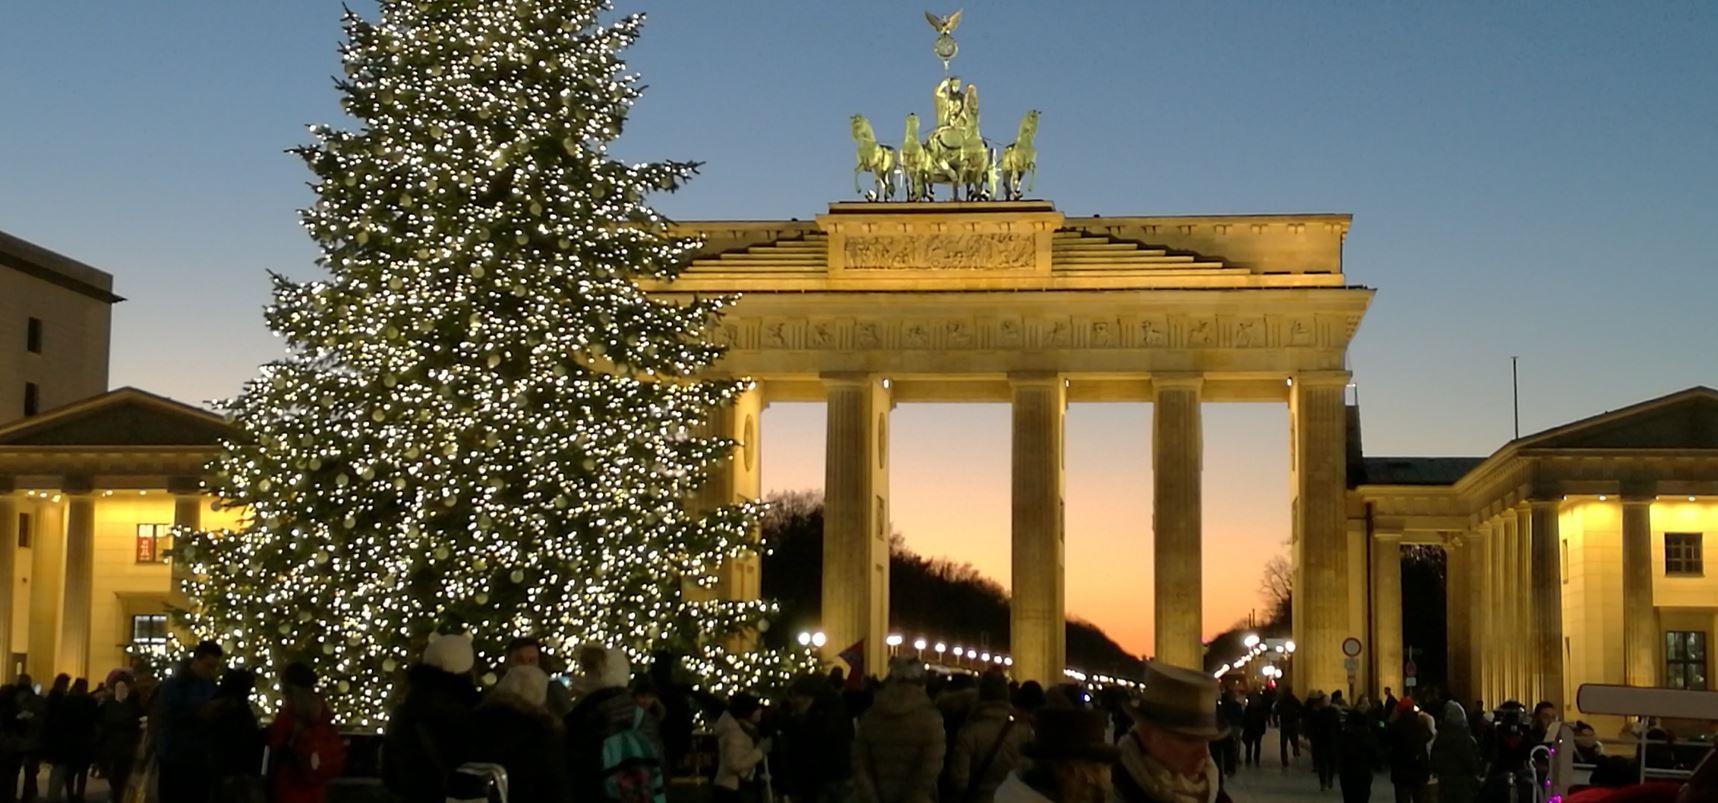 Stadtführung Berlin - Private Stadtrundfahrt Berlin - Brandenburter Tor zur Weihnachtszeit